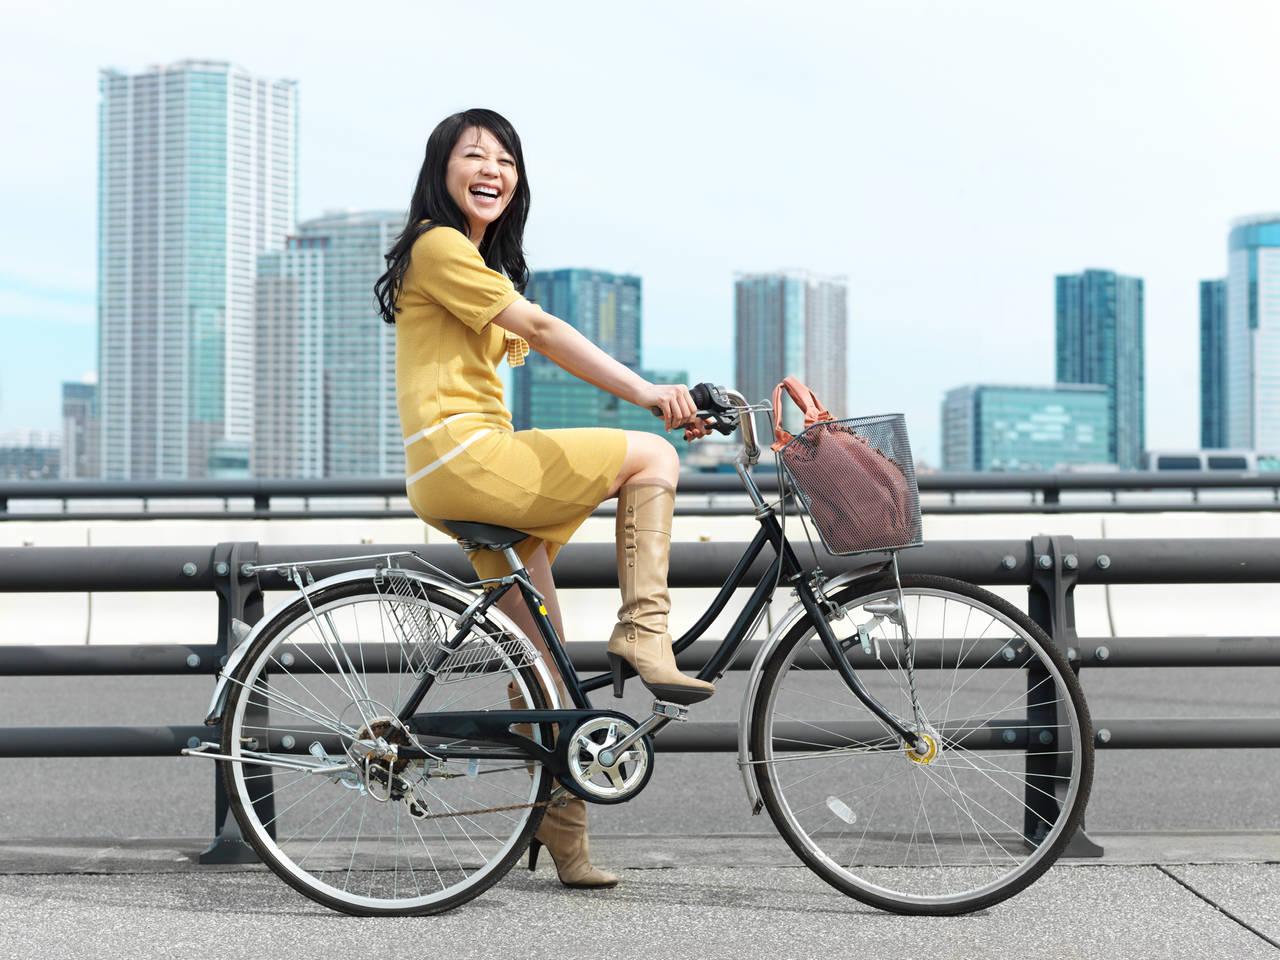 ママチャリサイクリングで健康に!ダイエット効率があがるコツも紹介